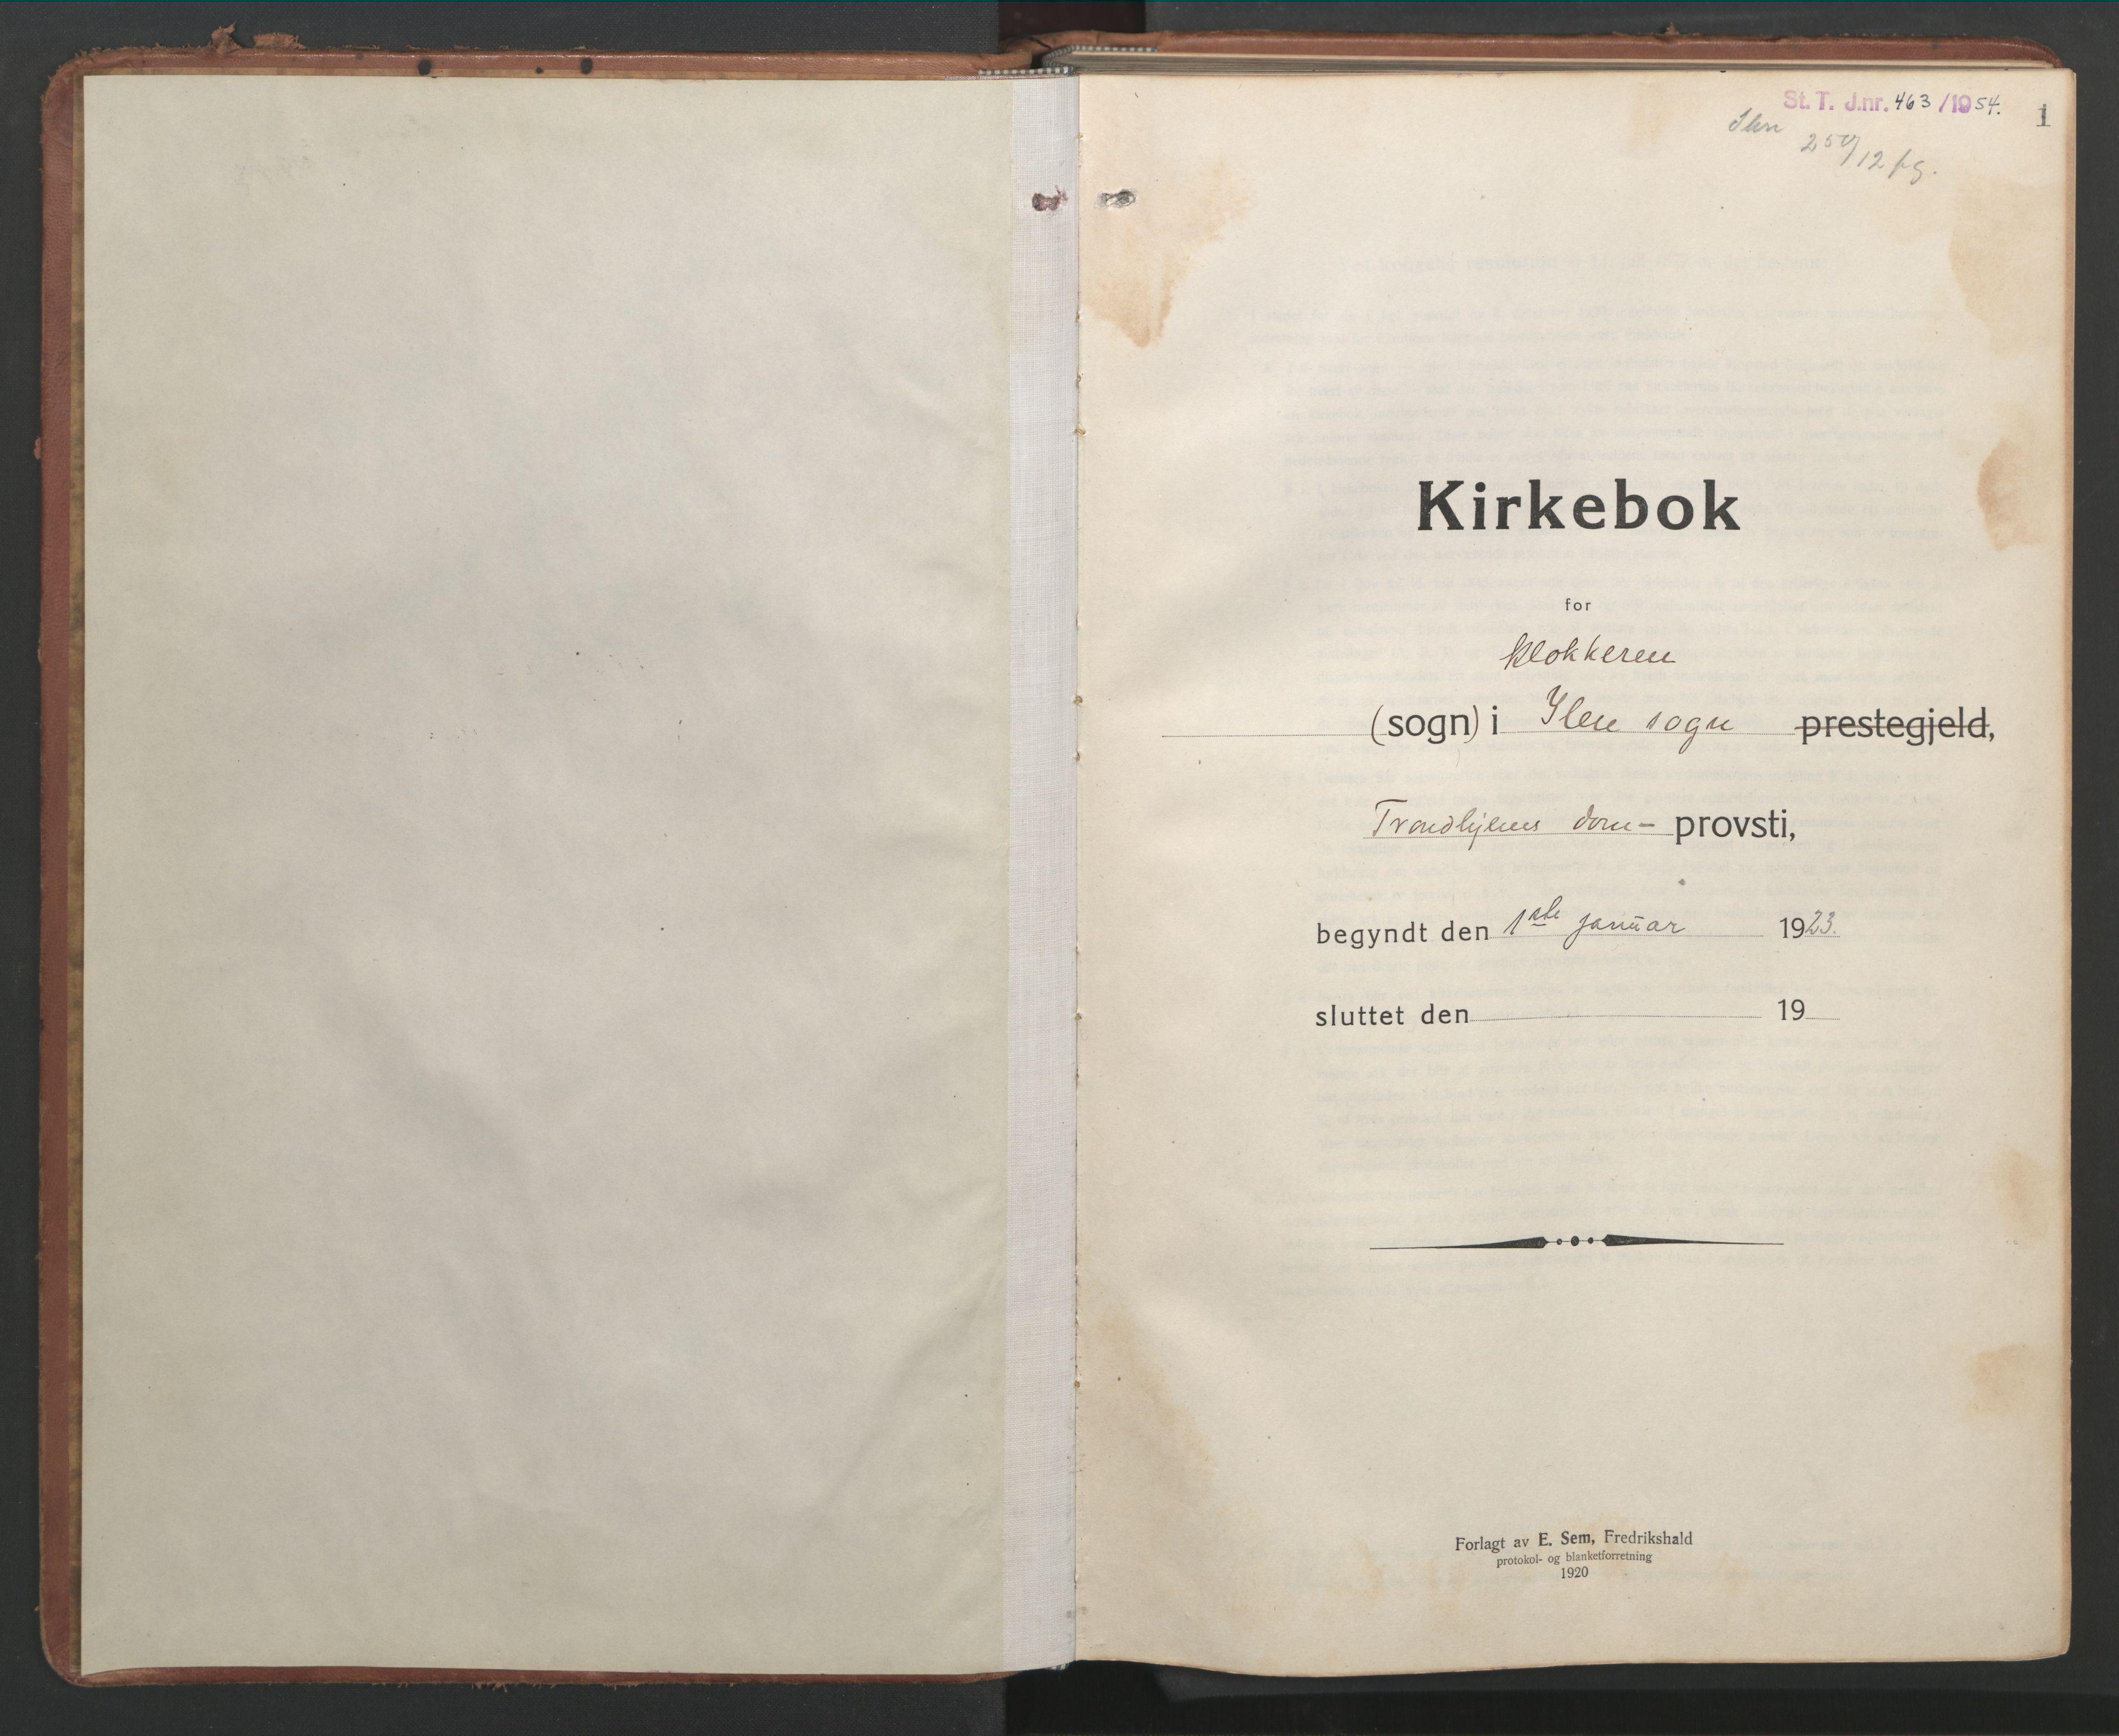 SAT, Ministerialprotokoller, klokkerbøker og fødselsregistre - Sør-Trøndelag, 603/L0174: Klokkerbok nr. 603C02, 1923-1951, s. 1